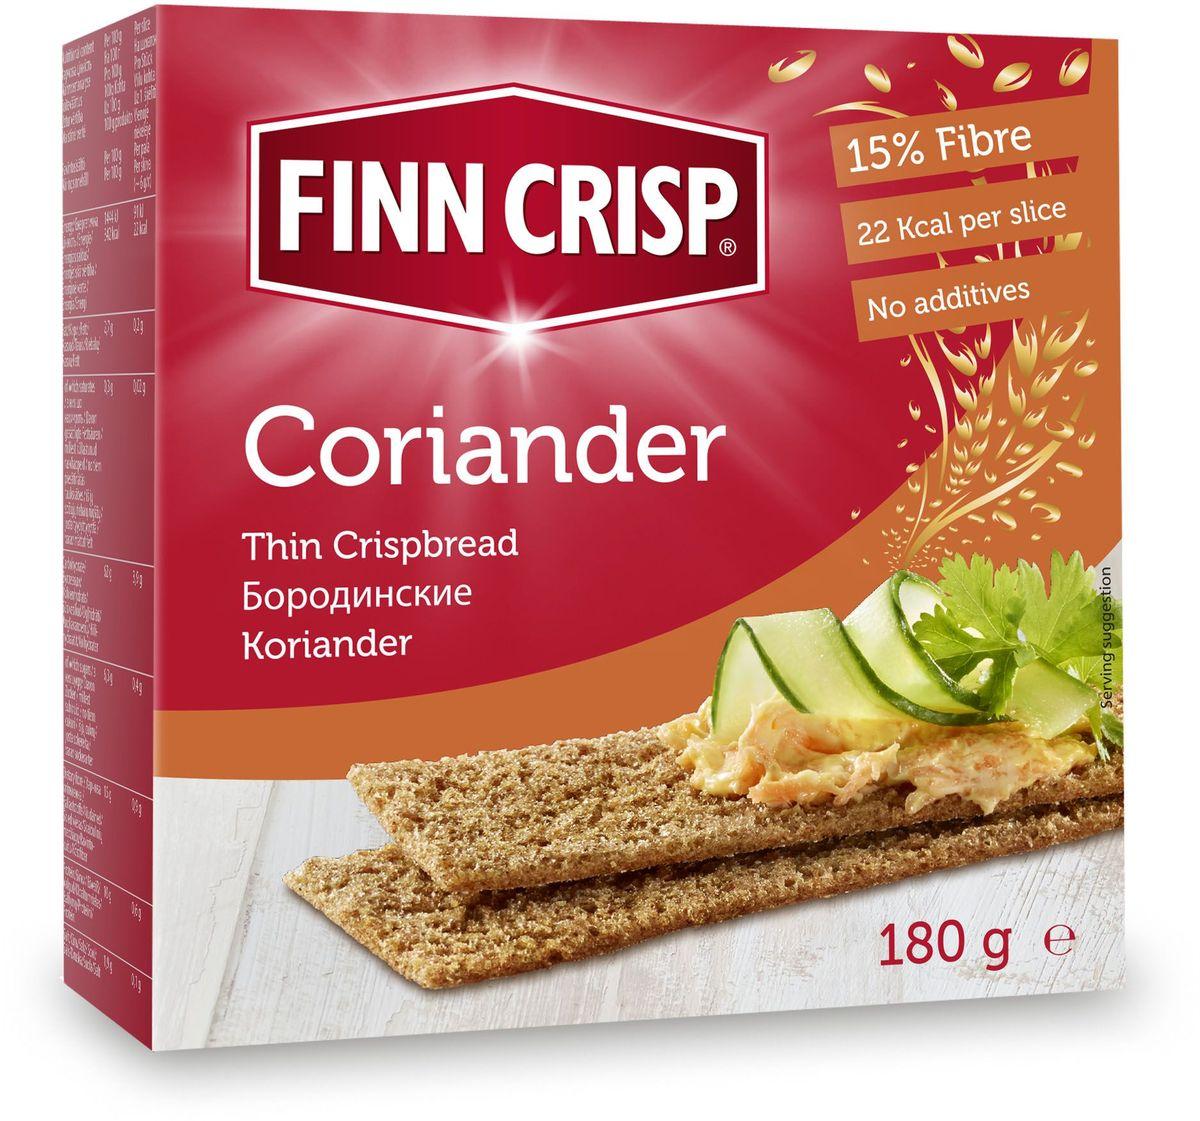 Finn Crisp Coriander хлебцы бородинские с кориандром, 180 г finn crisp traditional хлебцы традиционные 200 г